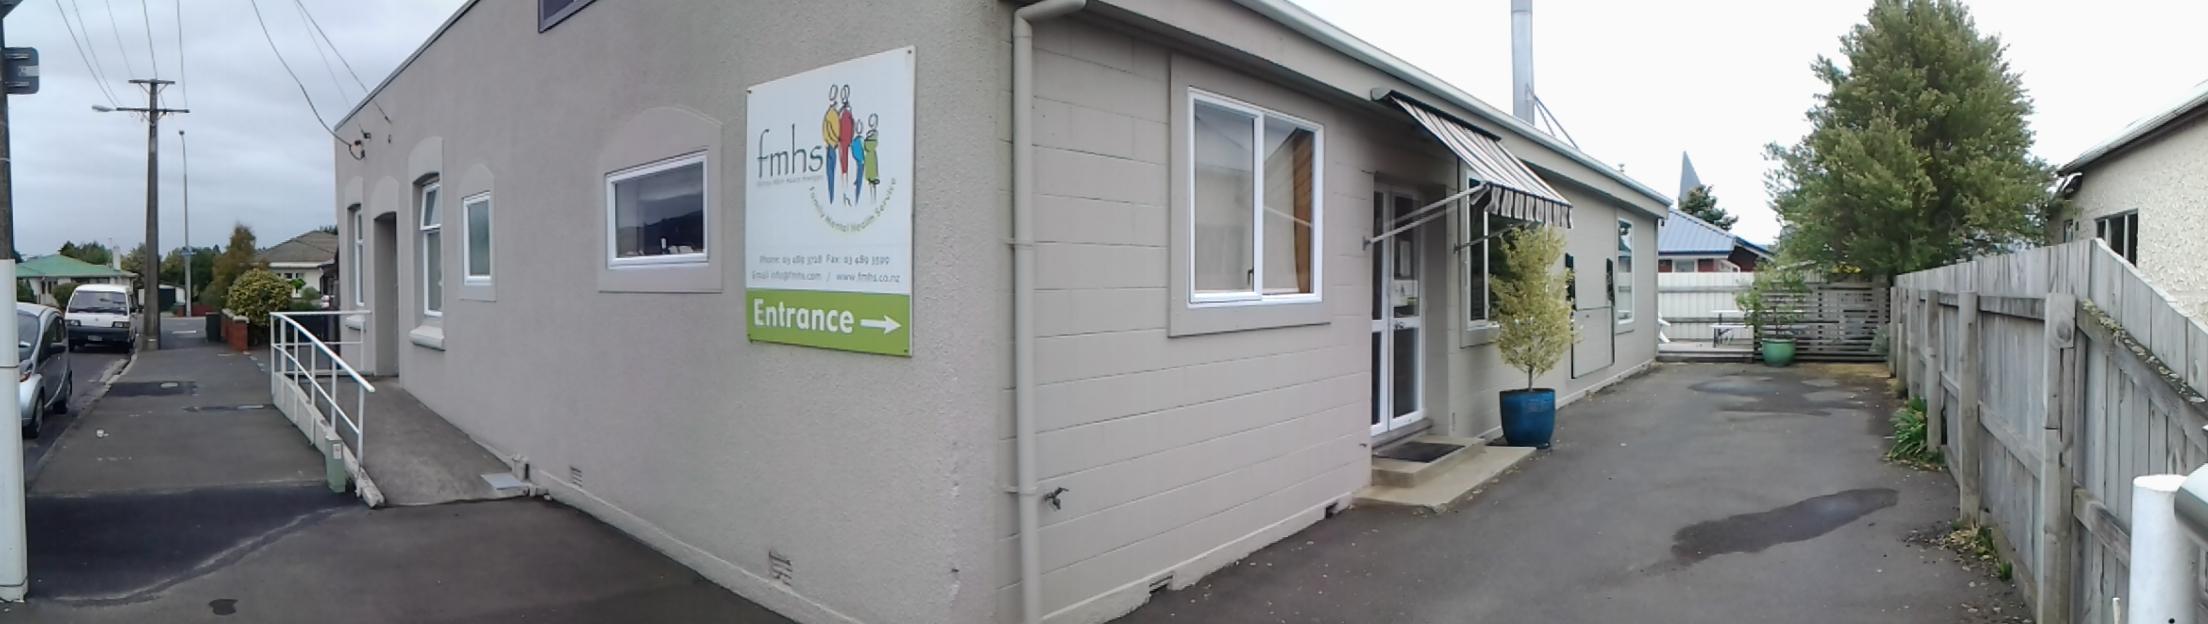 FMHS Clinic in Dunedin